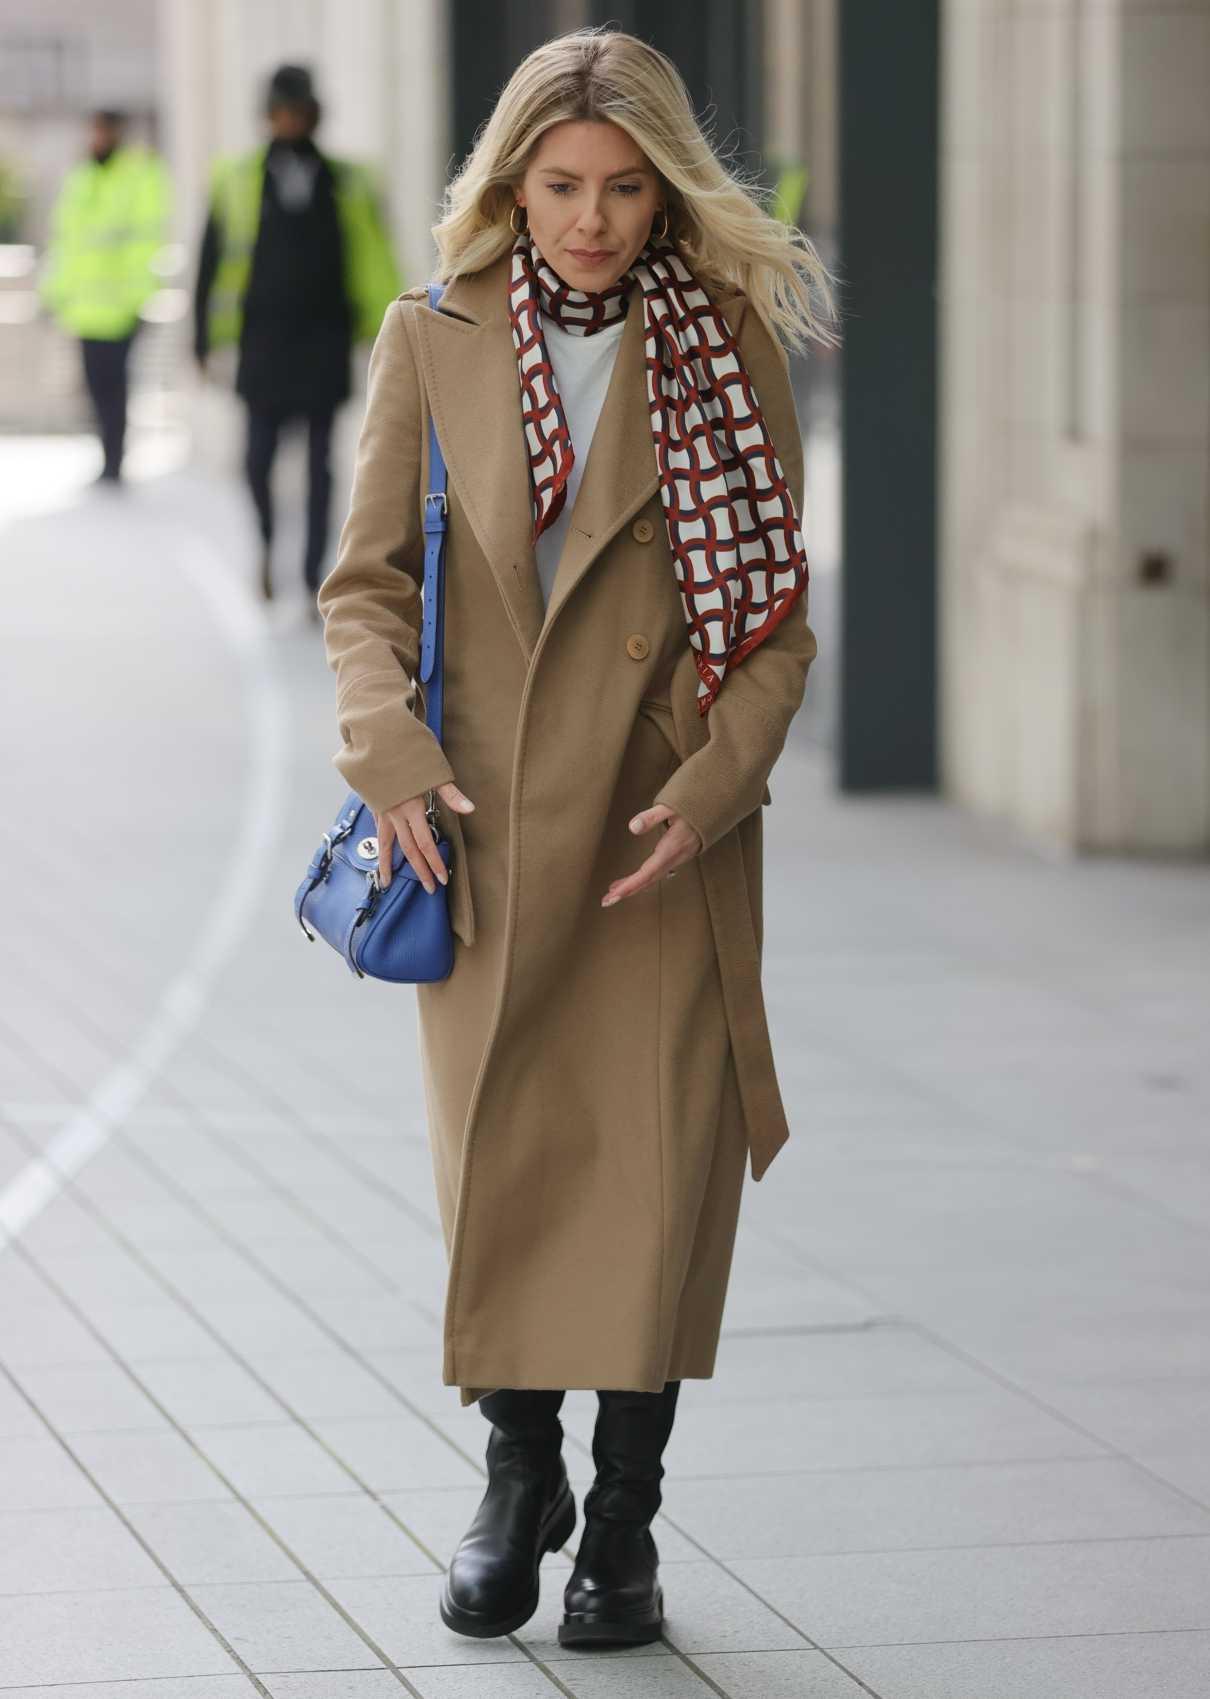 Mollie King in a Beige Coat